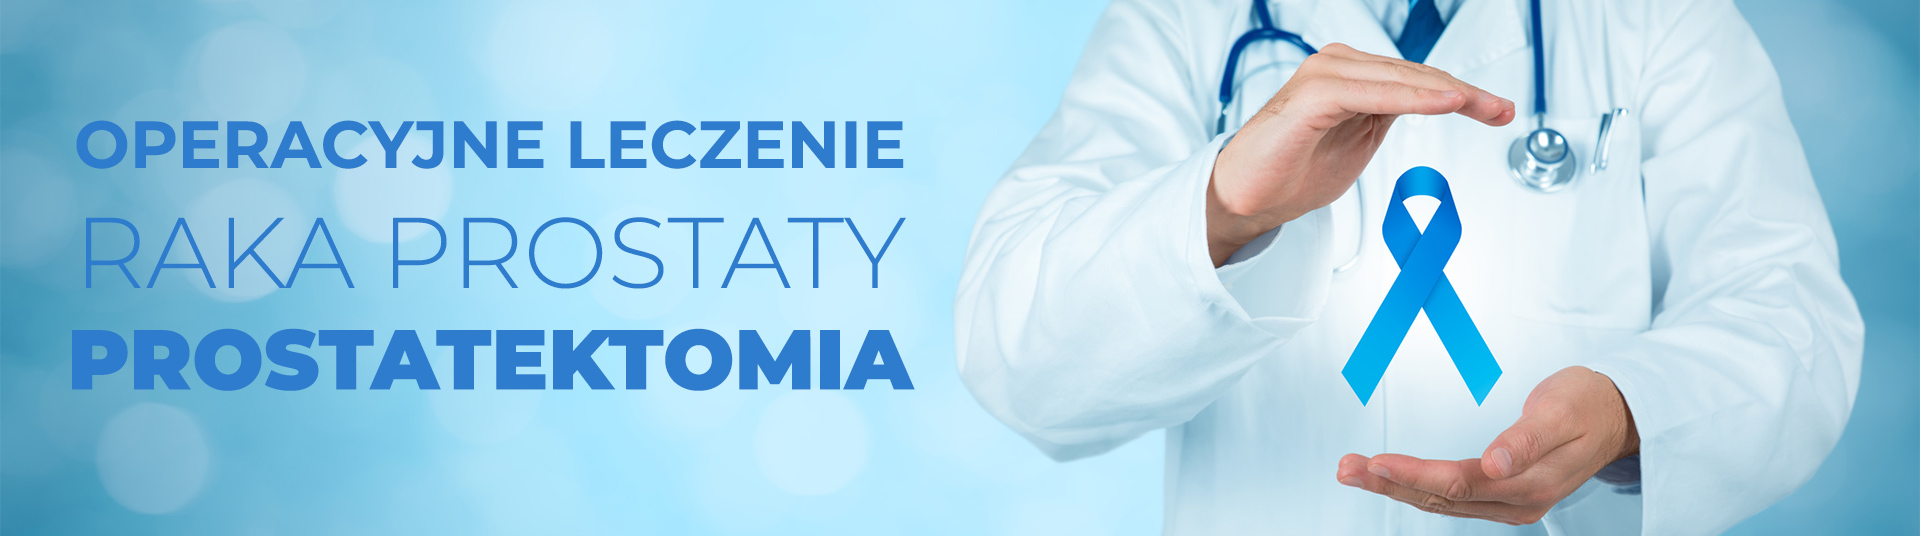 operacja prostaty leczenie operacyjne raka prostaty